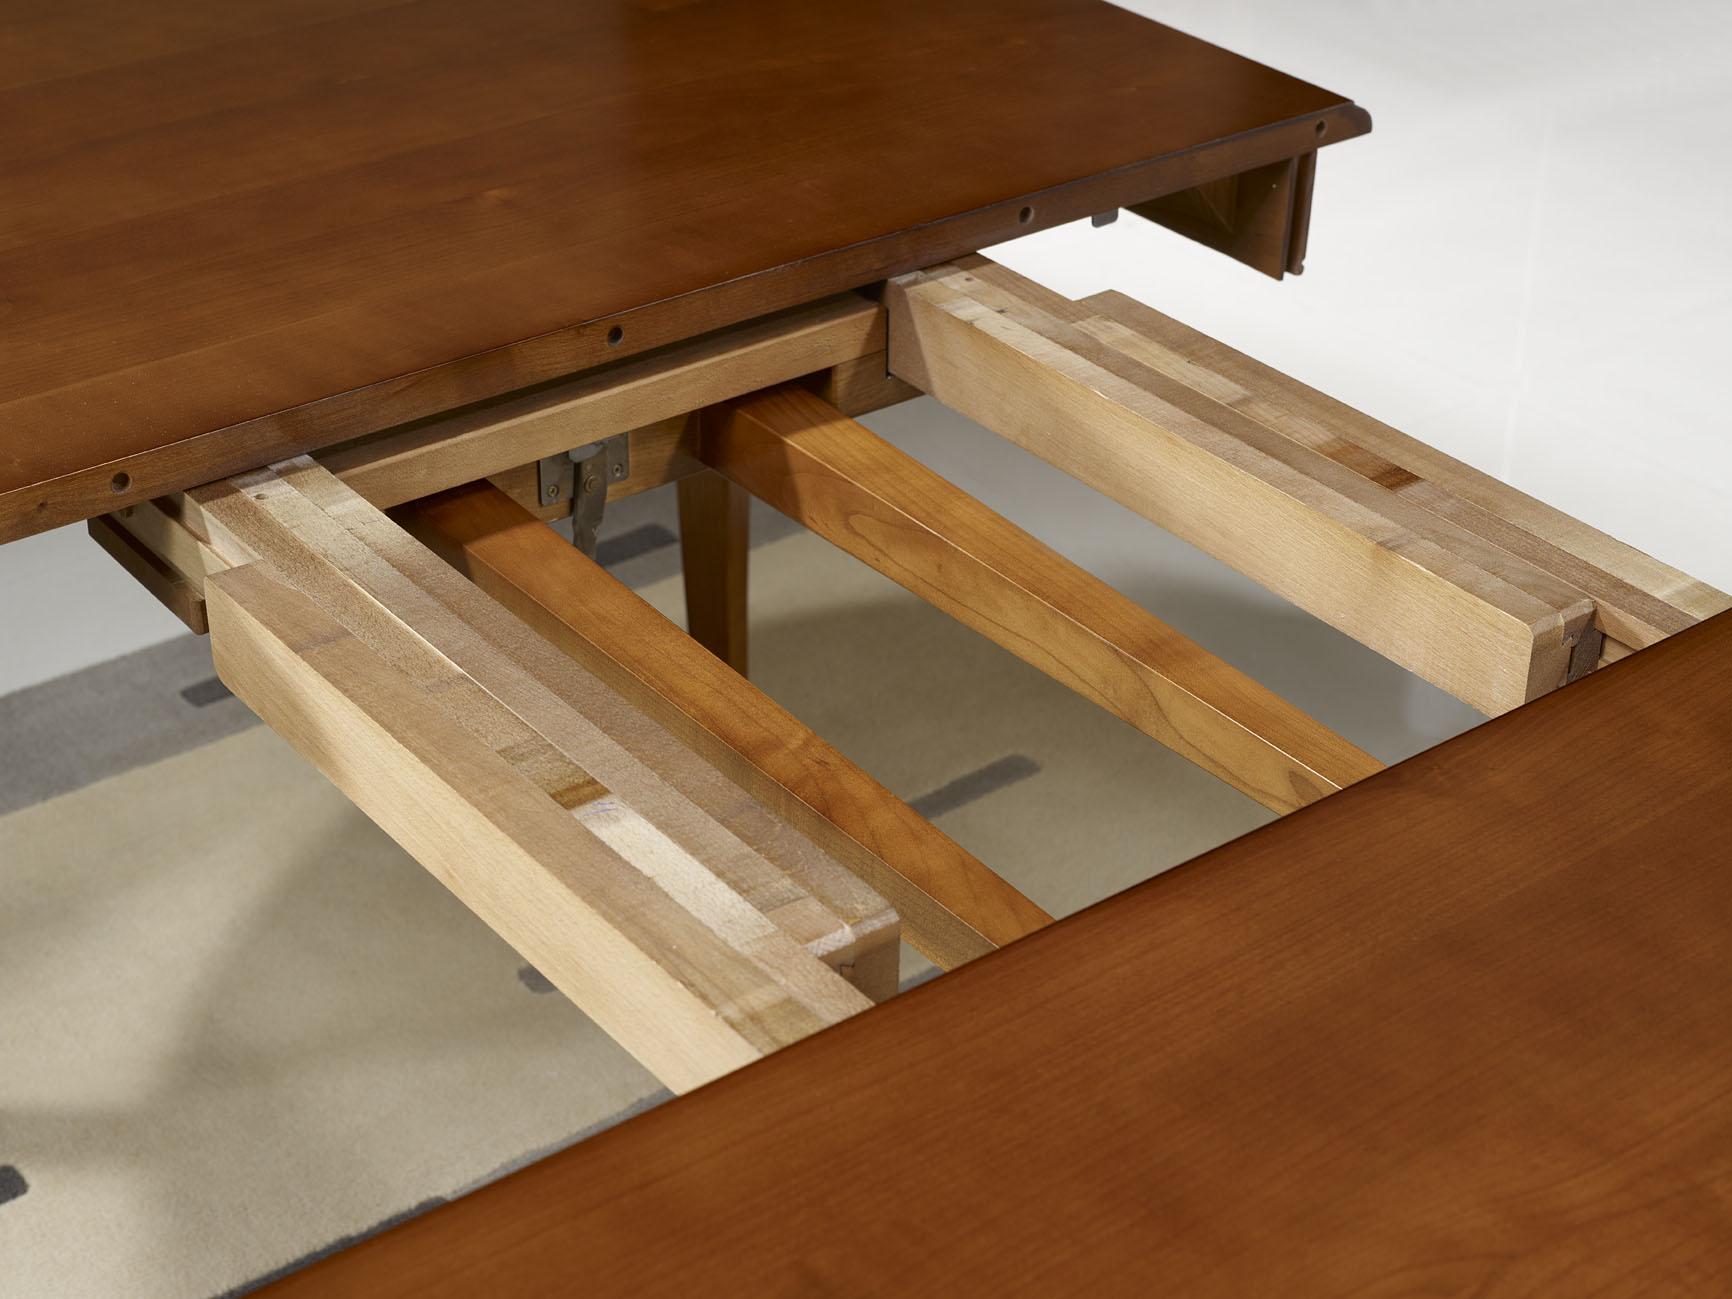 Table ovale julie 180x120 en merisier massif de style for Table bois massif ovale